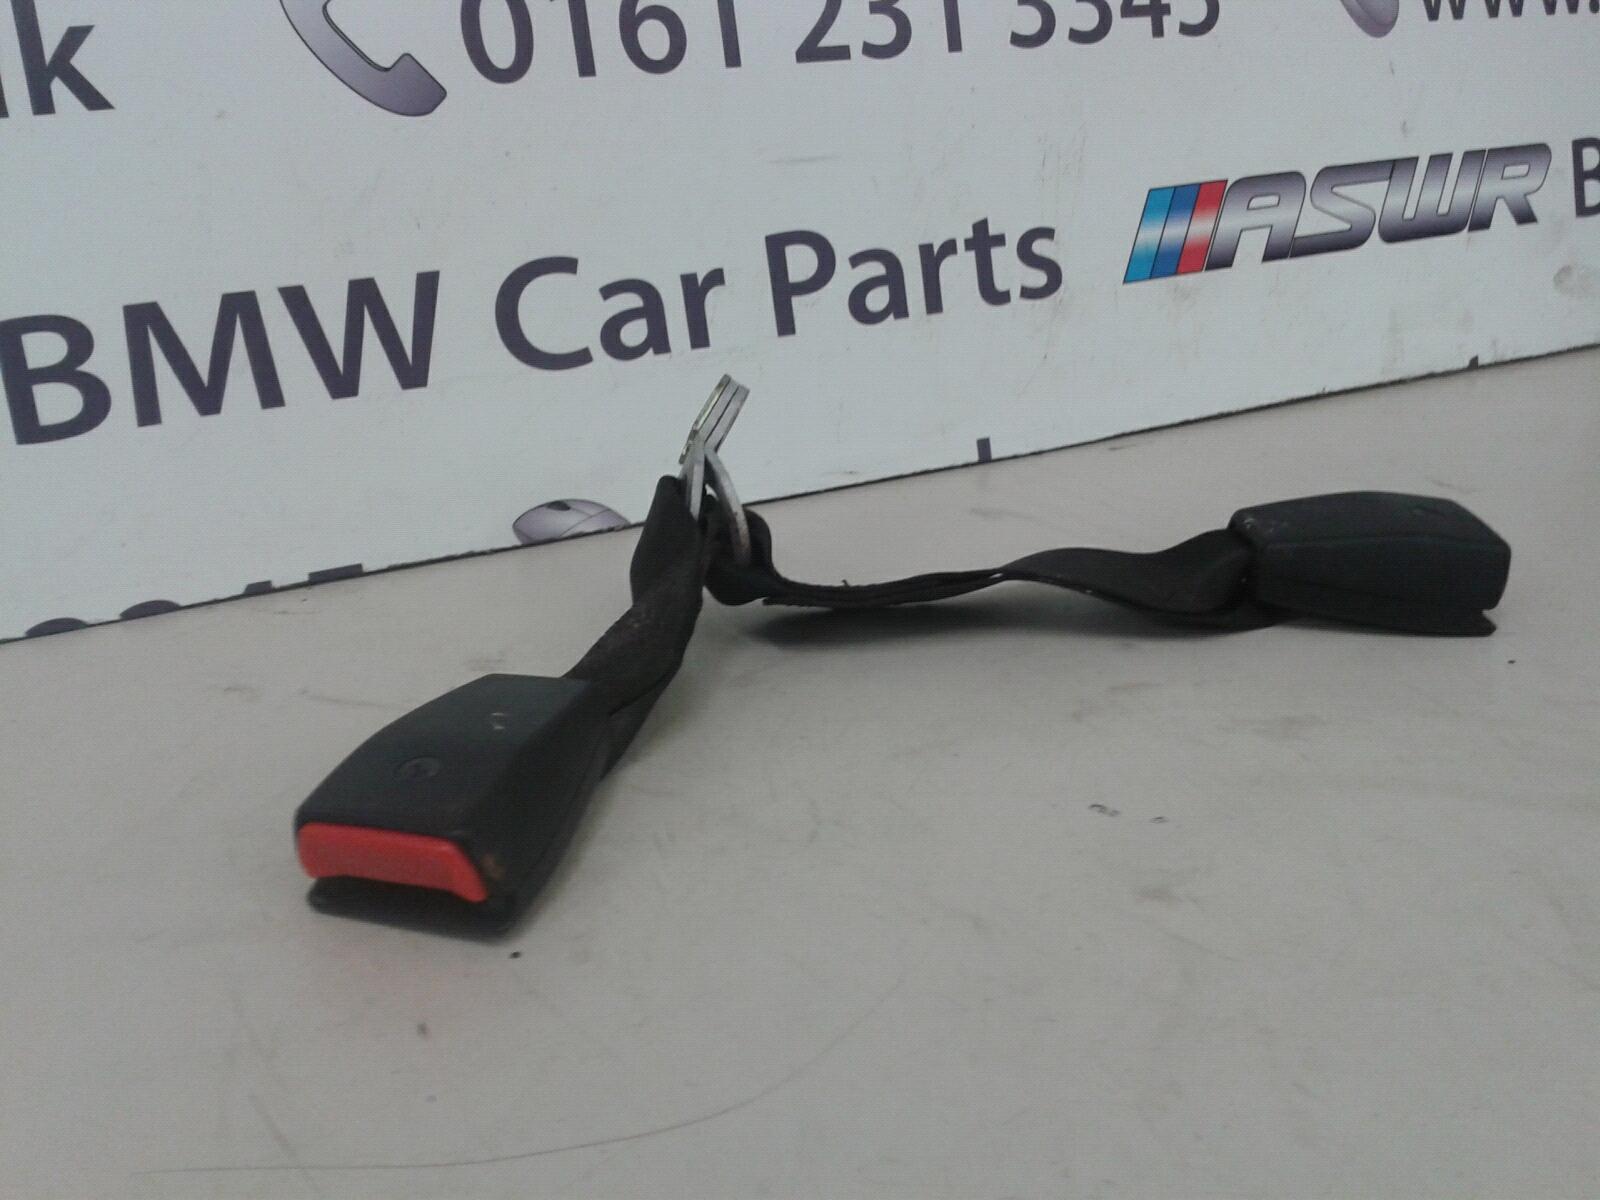 BMW E46 3 SERIES  Rear Seat Belt Buckle 72118223292